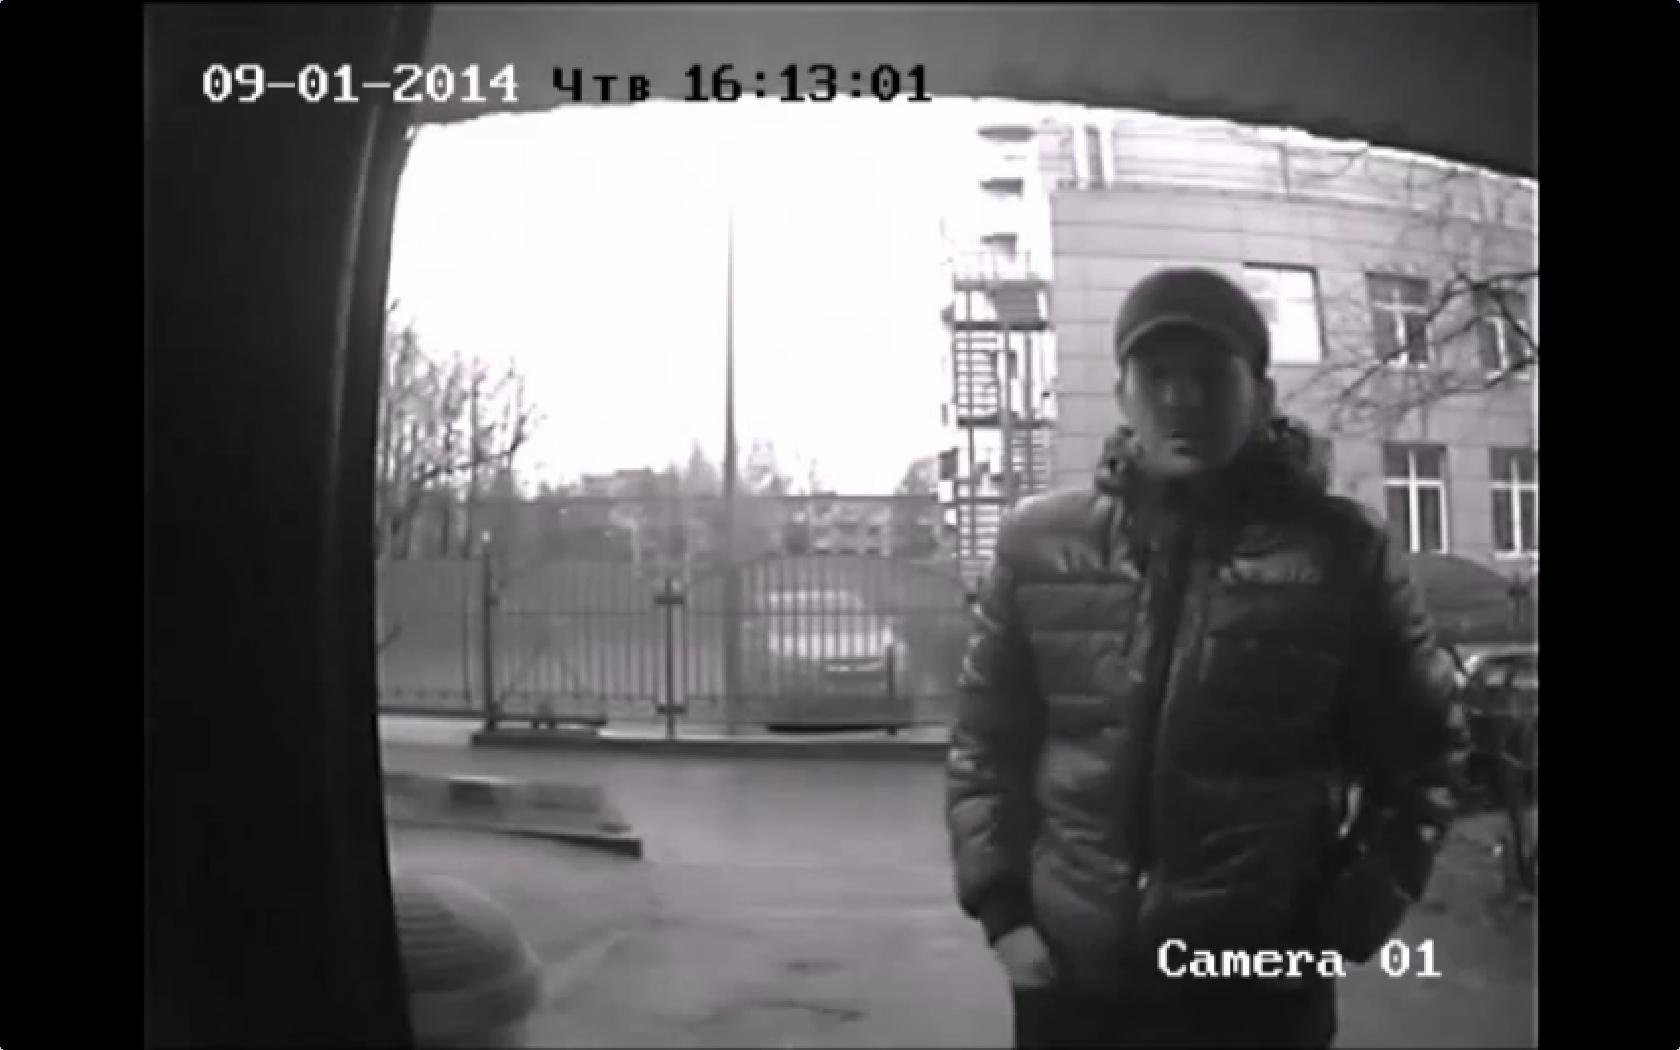 Грабителям даже и в голову не могло прийти, что ожидало их за дверью новые фото